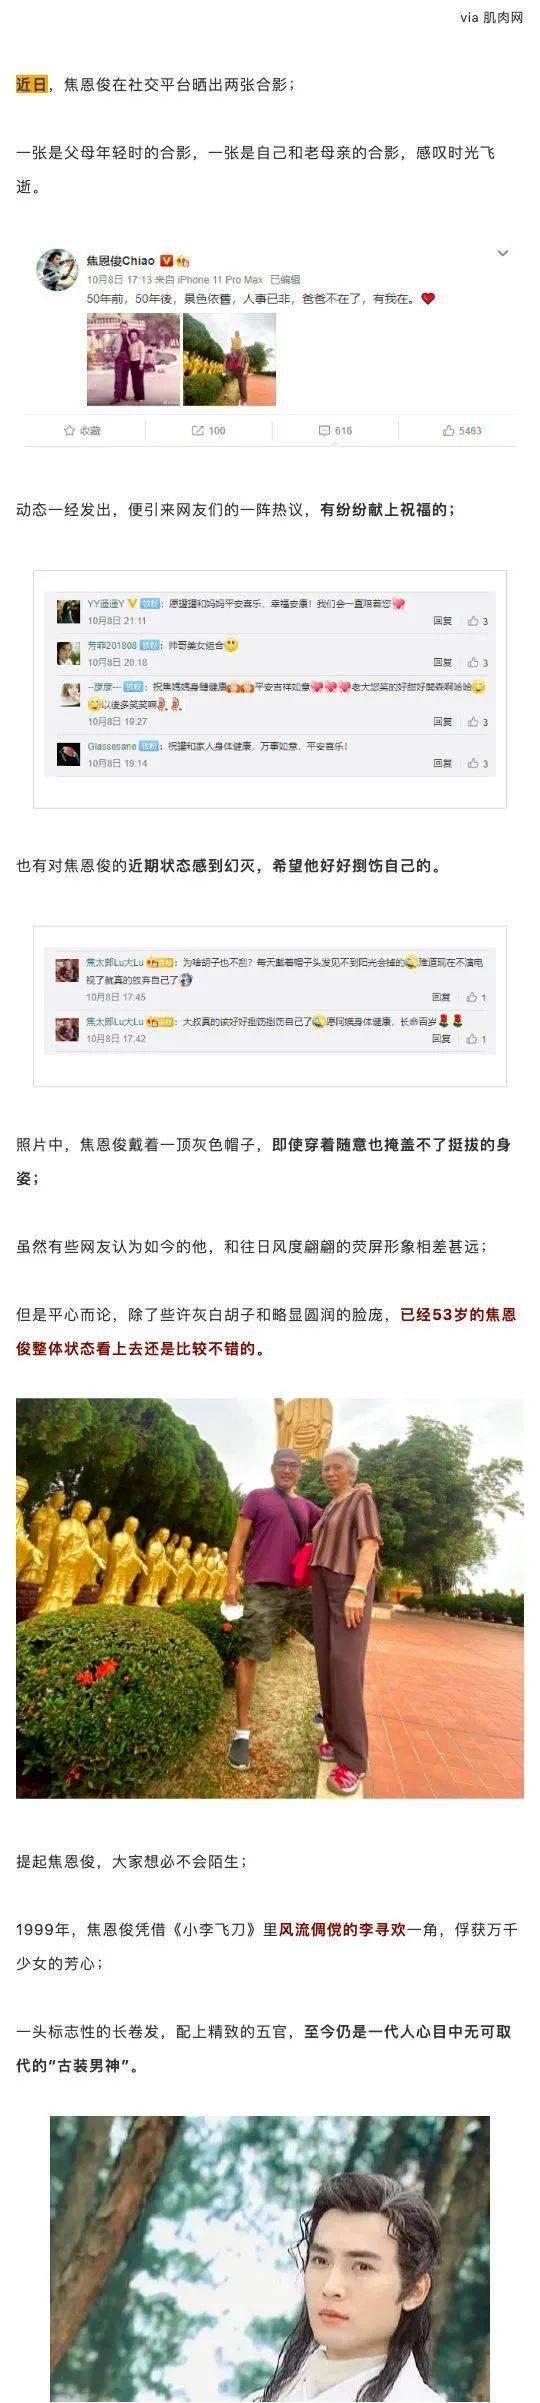 53岁焦恩俊近照曝光,男神形象幻灭,网友:太放纵?